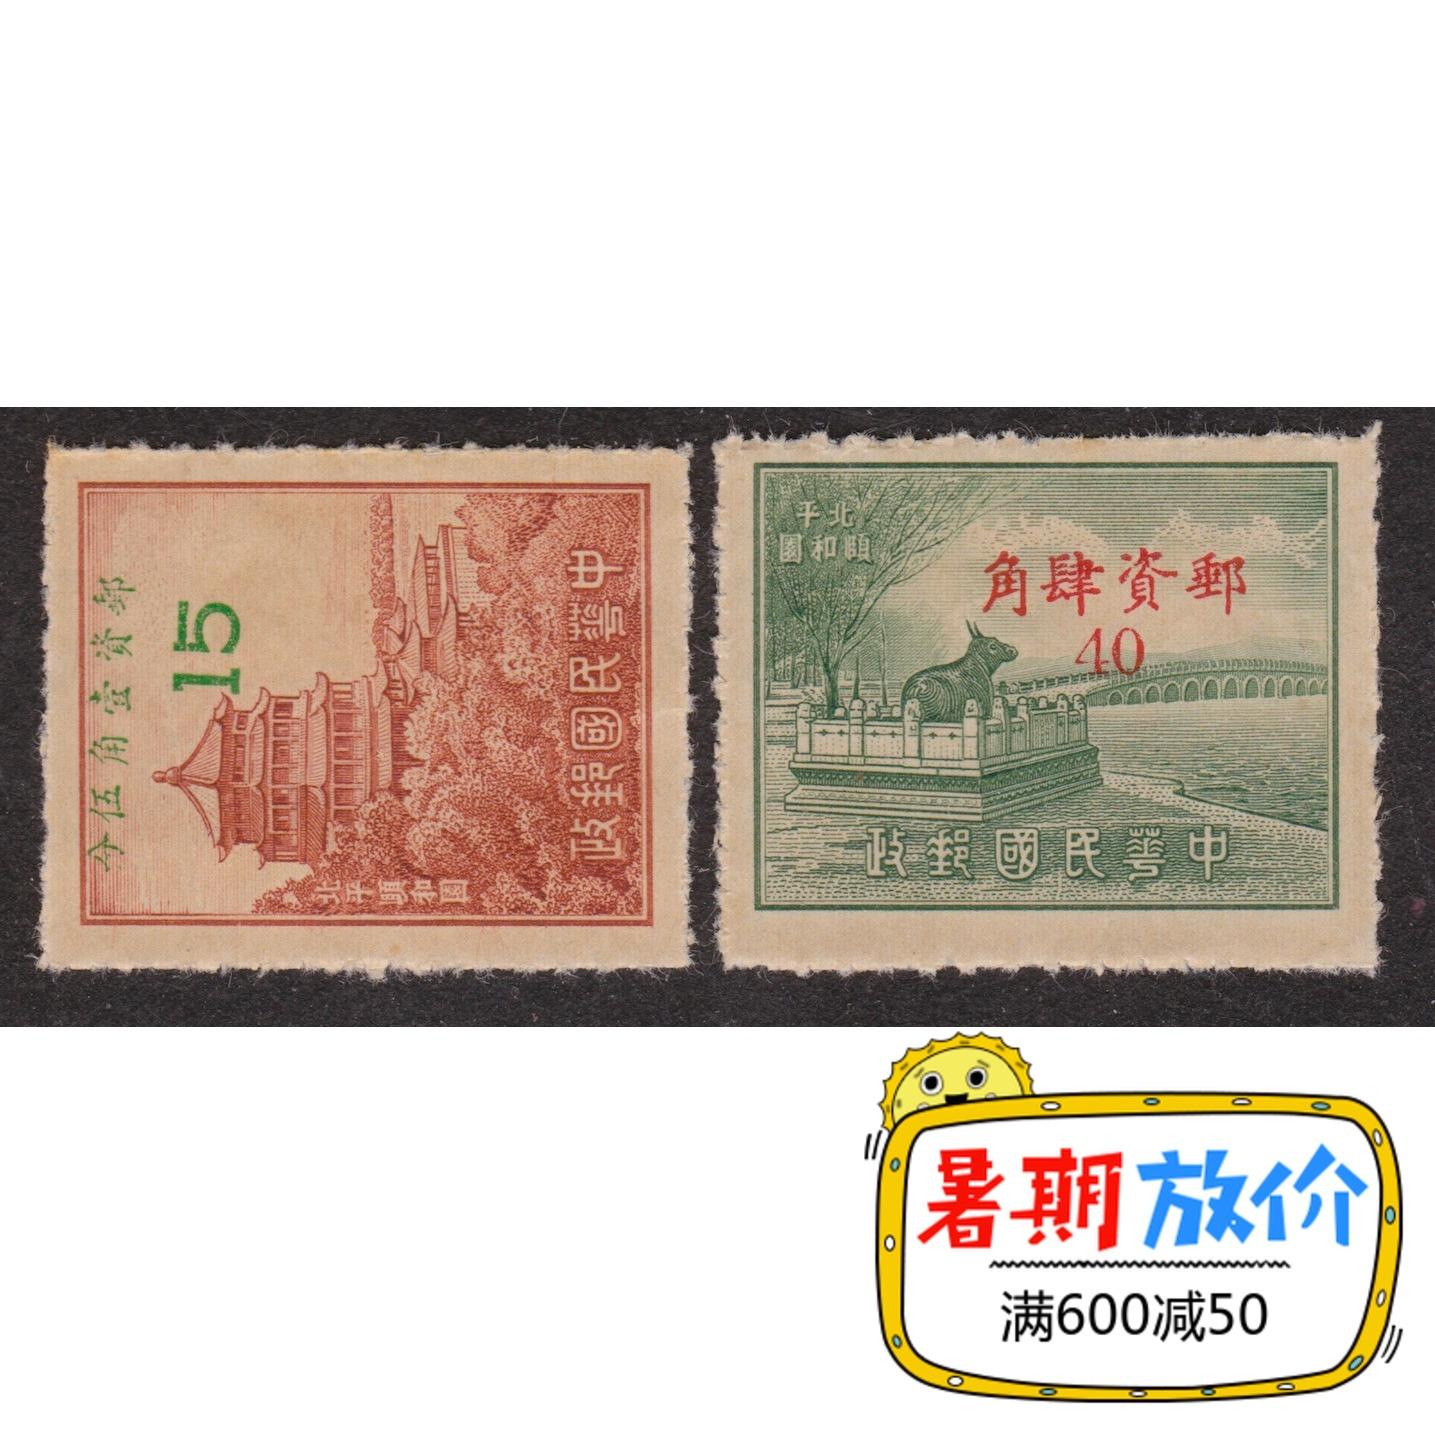 Cộng hòa Trung Quốc tem đặc biệt Min Te 3 Beiping phong cảnh tập hợp đầy đủ của vé mới vé sưu tập tem